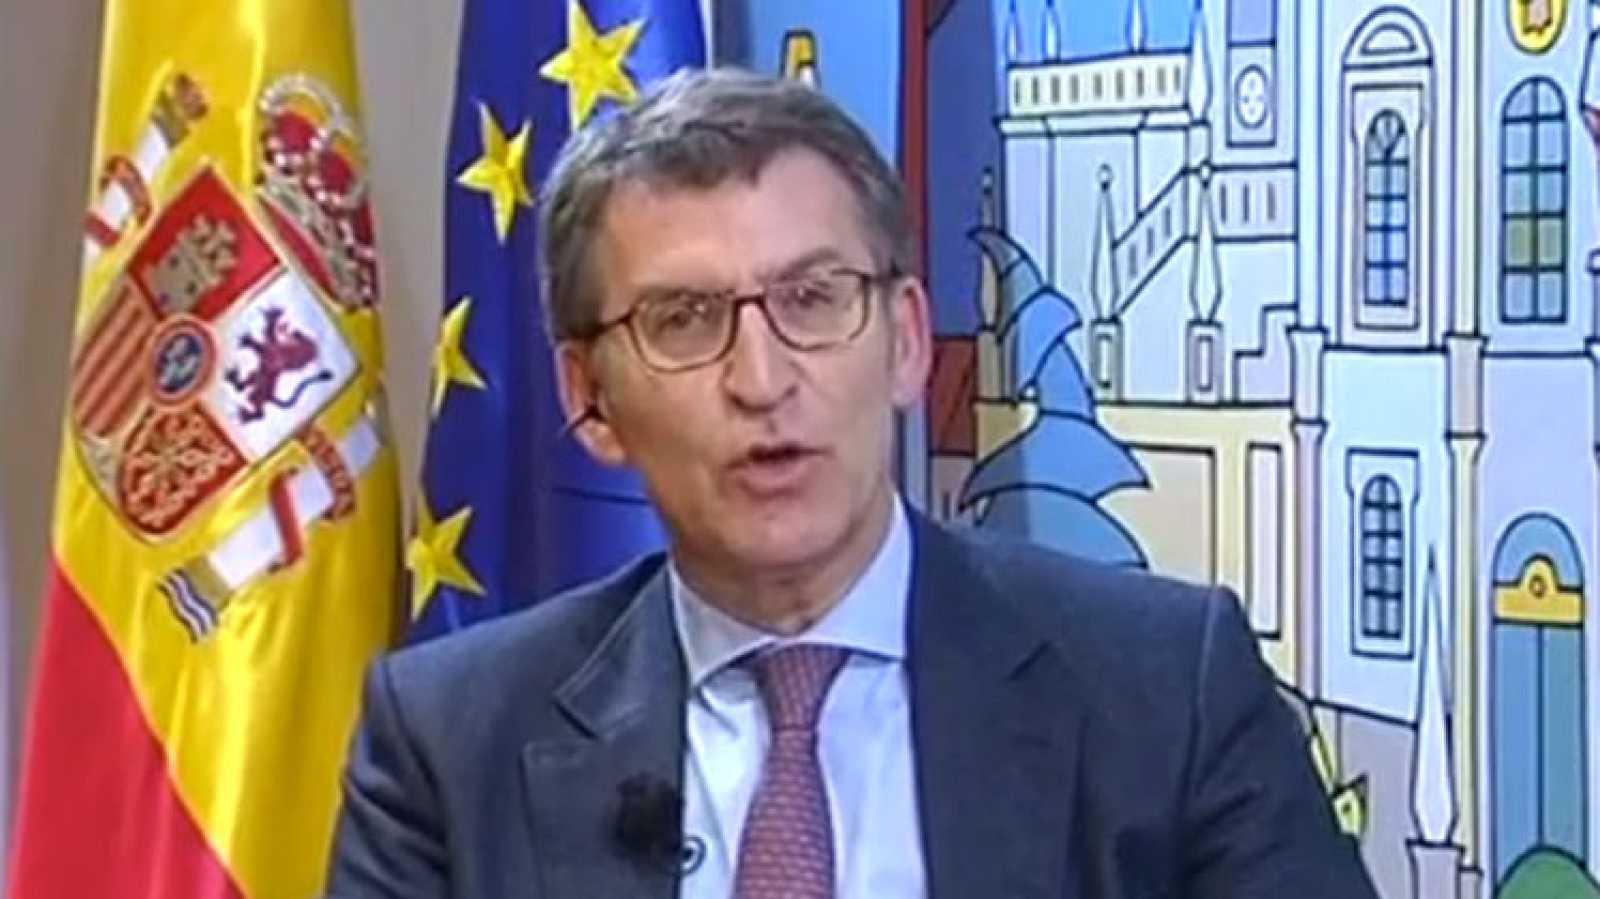 Feijóo considera fundamental para el PP obtener de nuevo la mayoría absoluta en Galicia